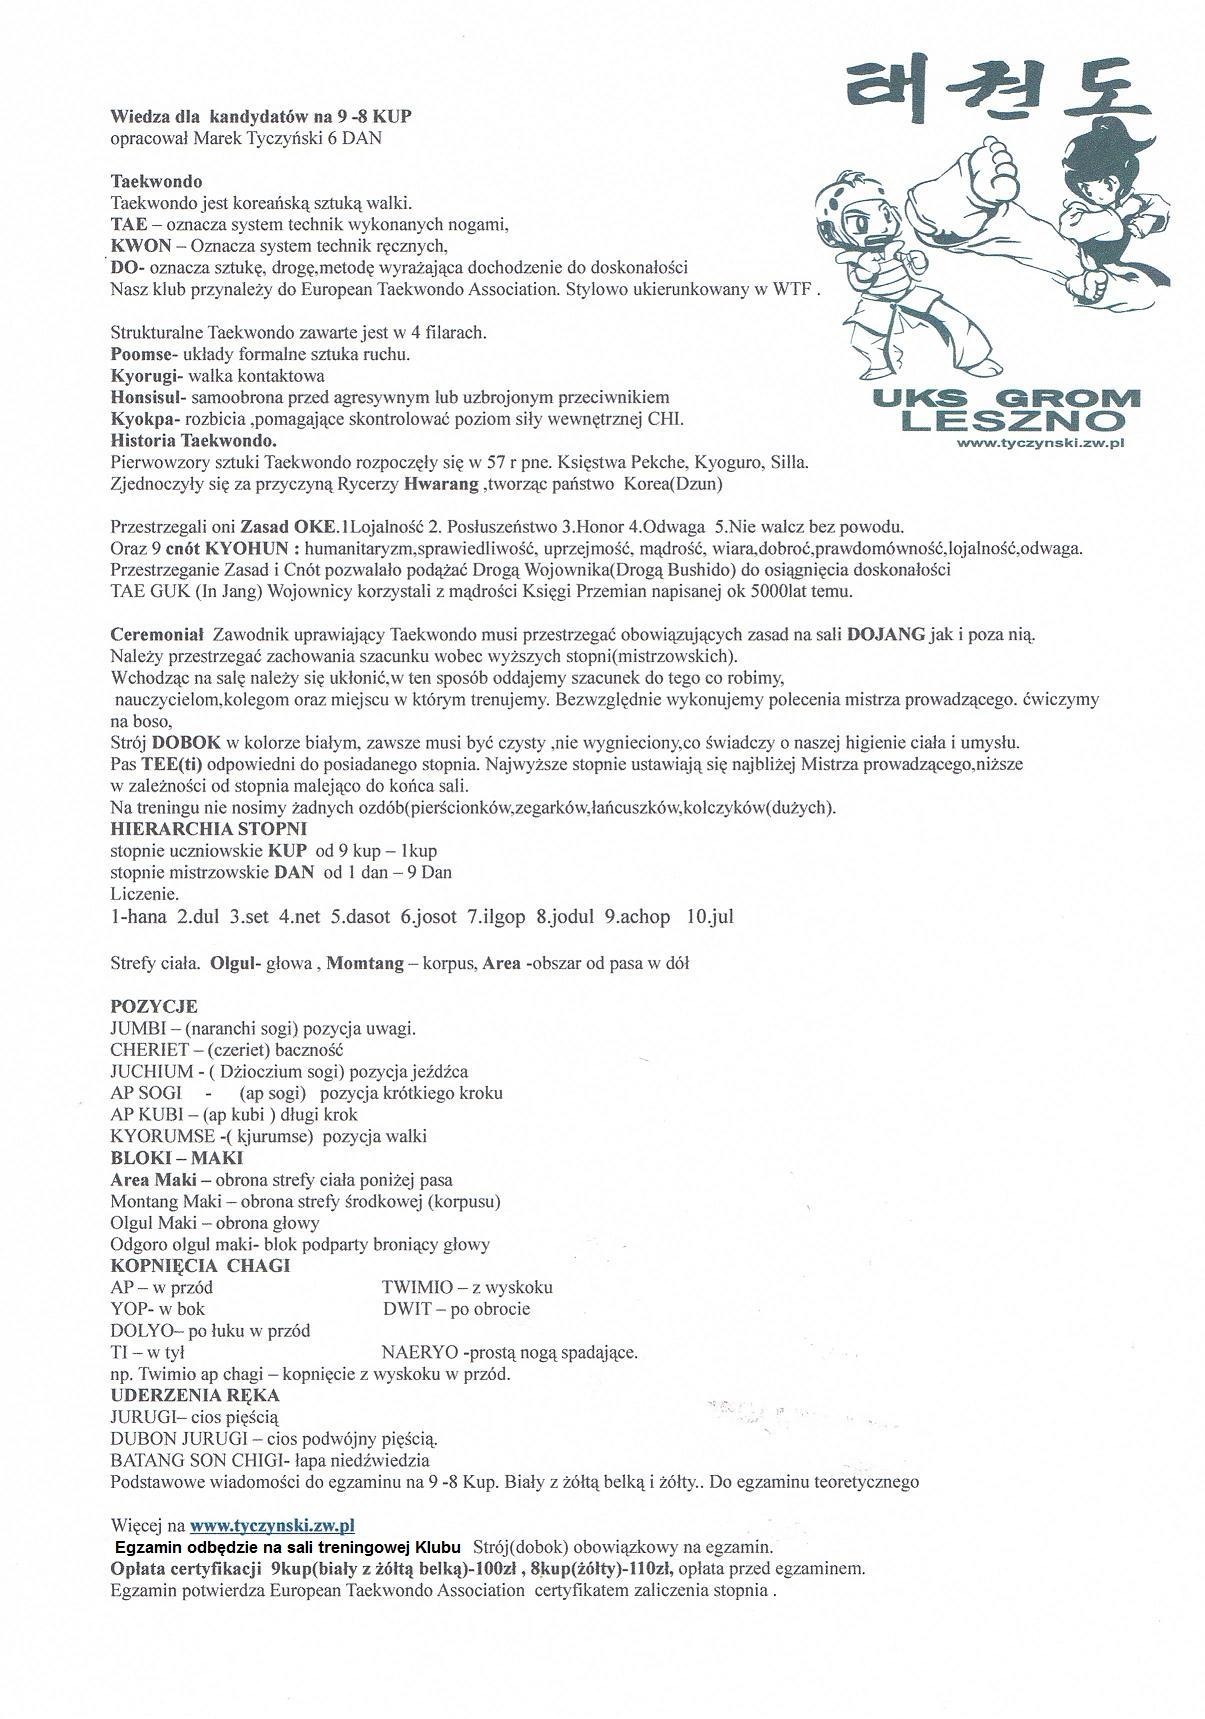 wiedza-na-9-8kup-2012